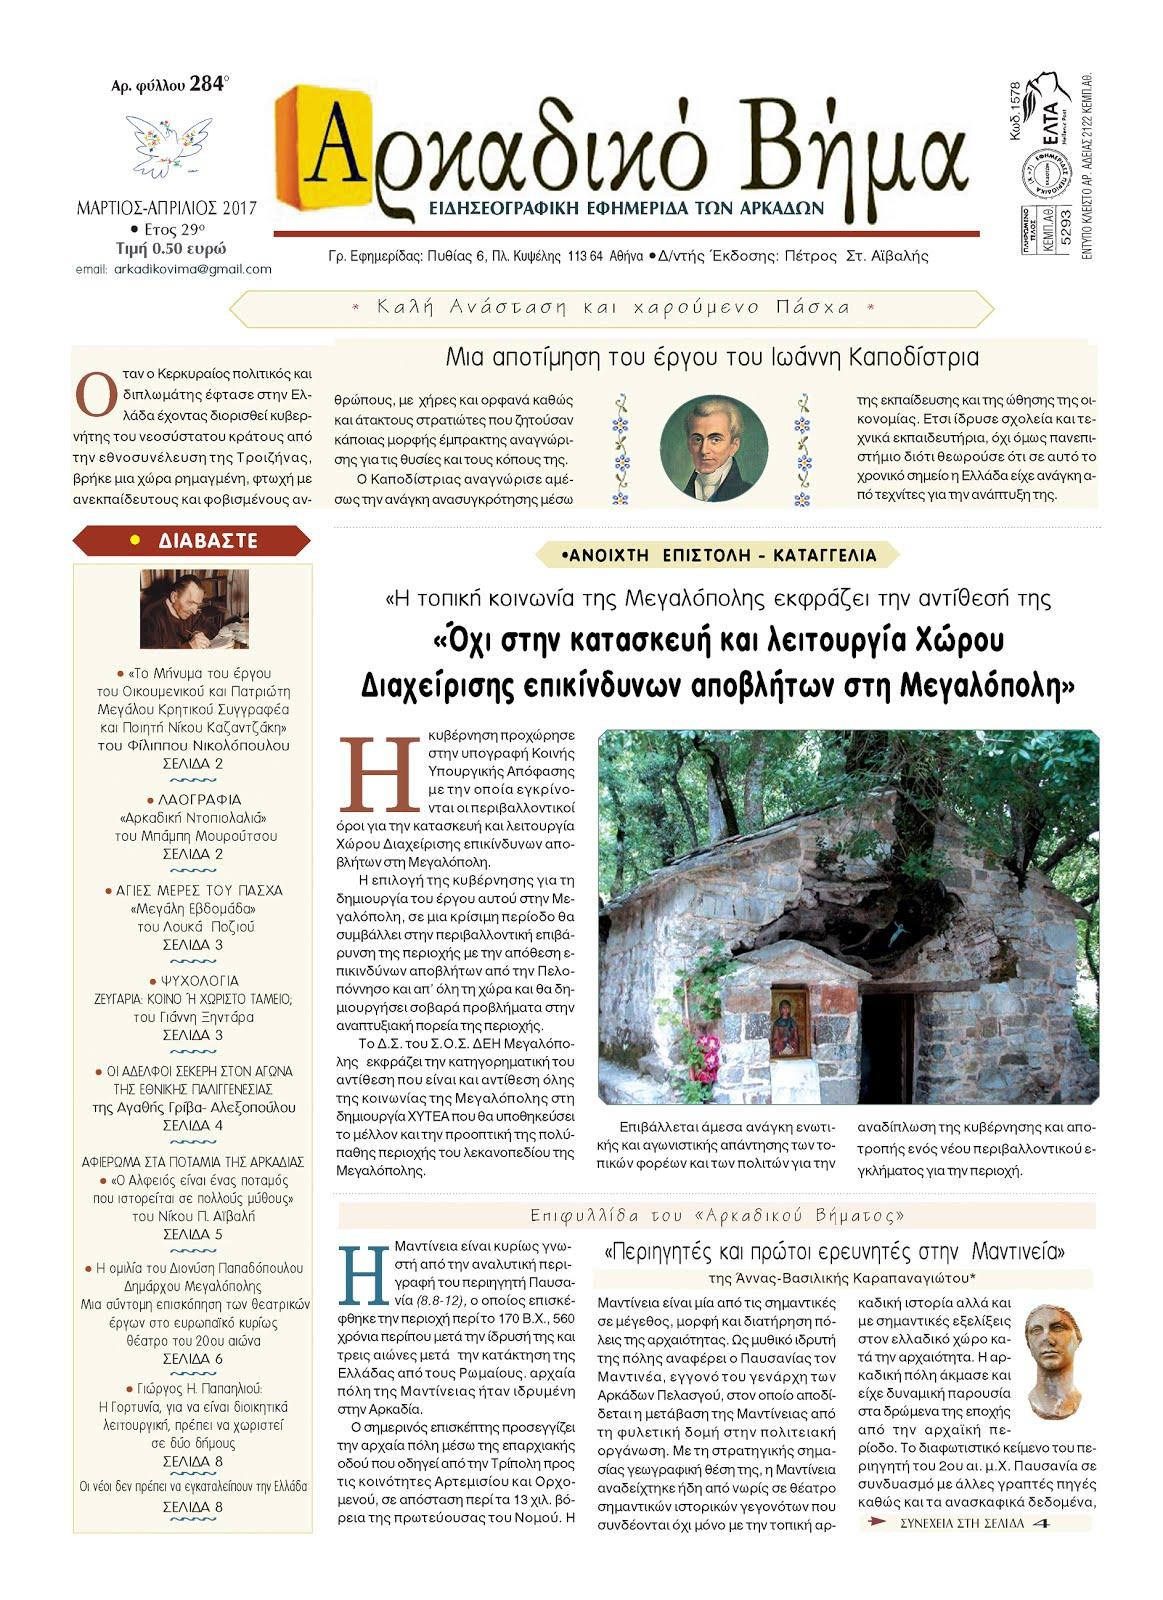 ΑΡΚΑΔΙΚΟ ΒΗΜΑ: Μια αποτίμηση του έργου του Ιωάννη Καποδίστρια